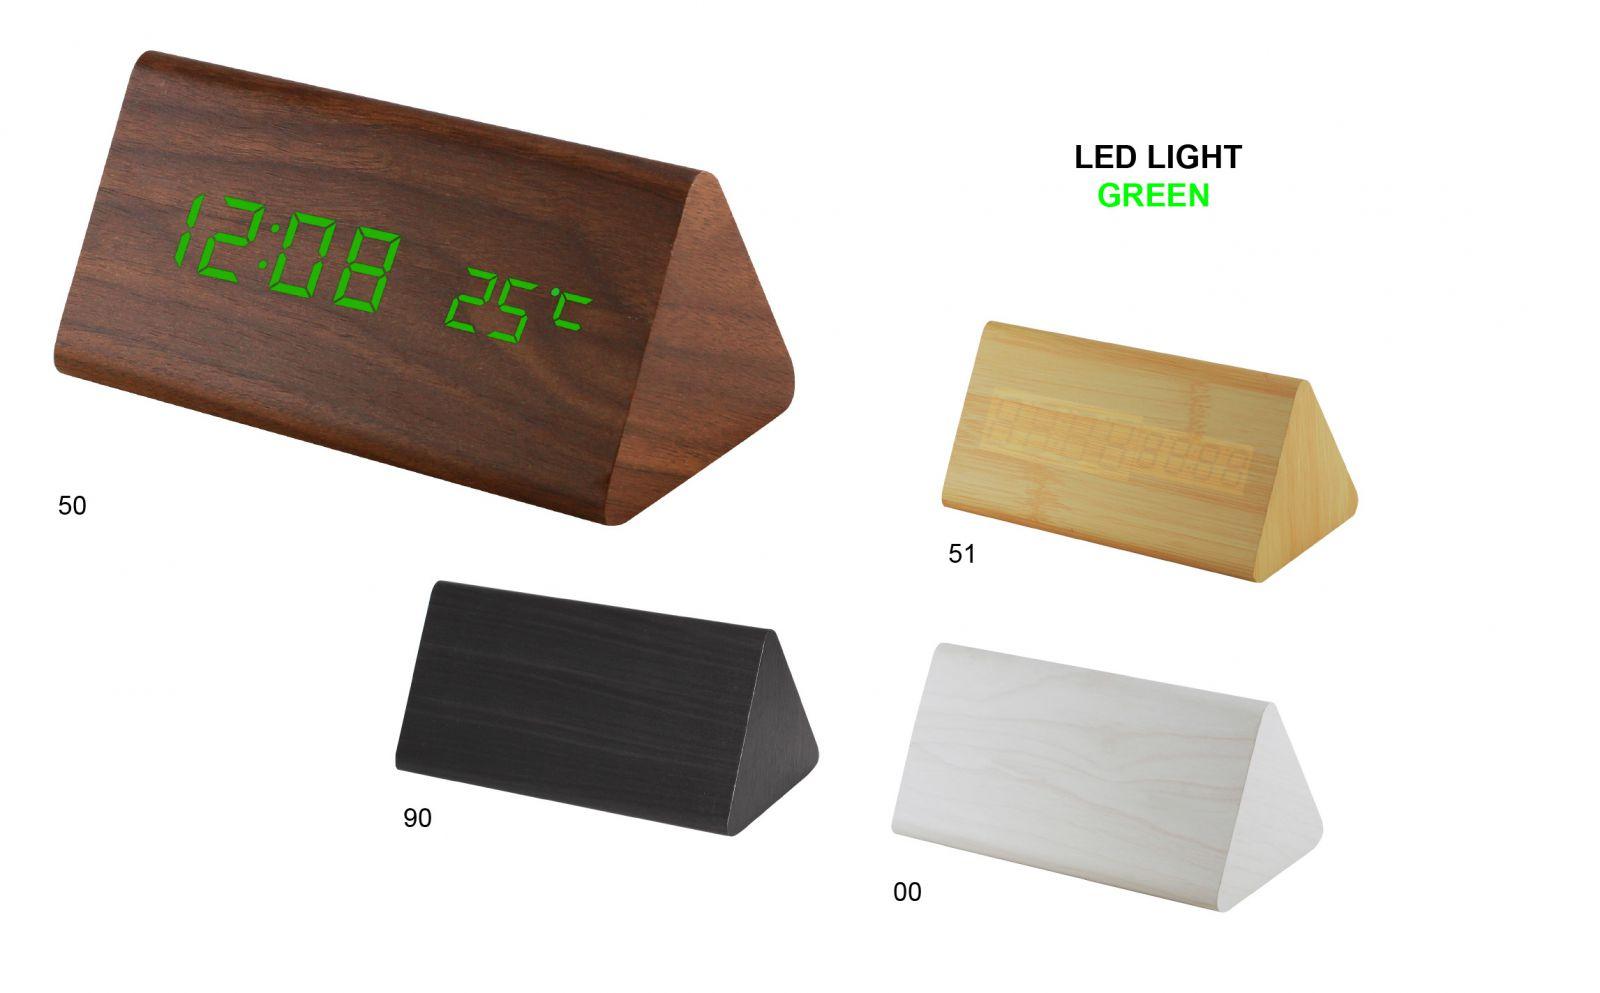 Moderní digitální LED budík s datem a teploměrem 00 - bílá